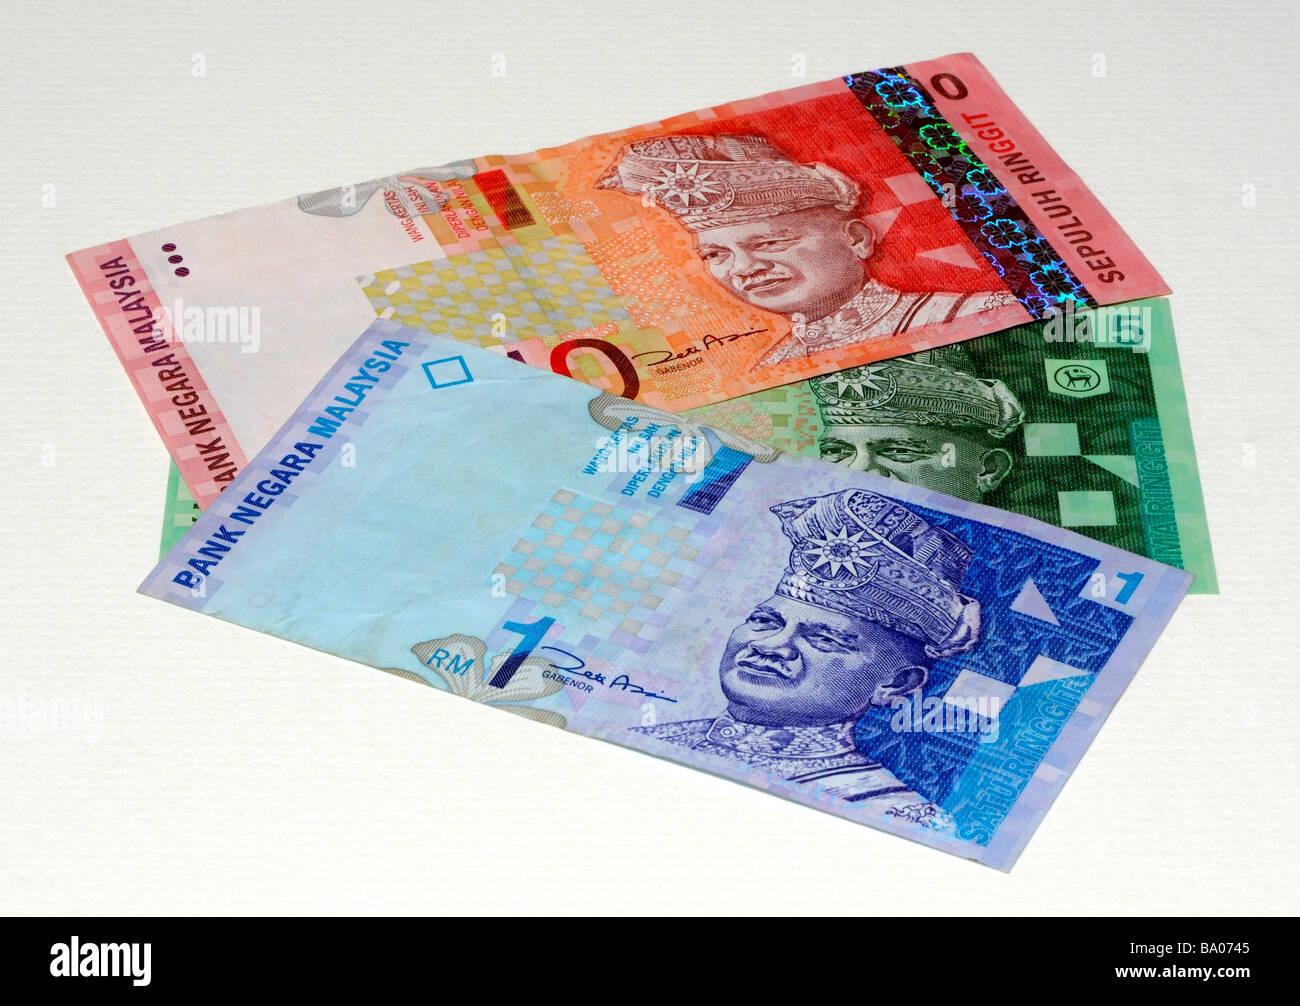 Malaysian Ringgit Stock Photos & Malaysian Ringgit Stock Images - Alamy